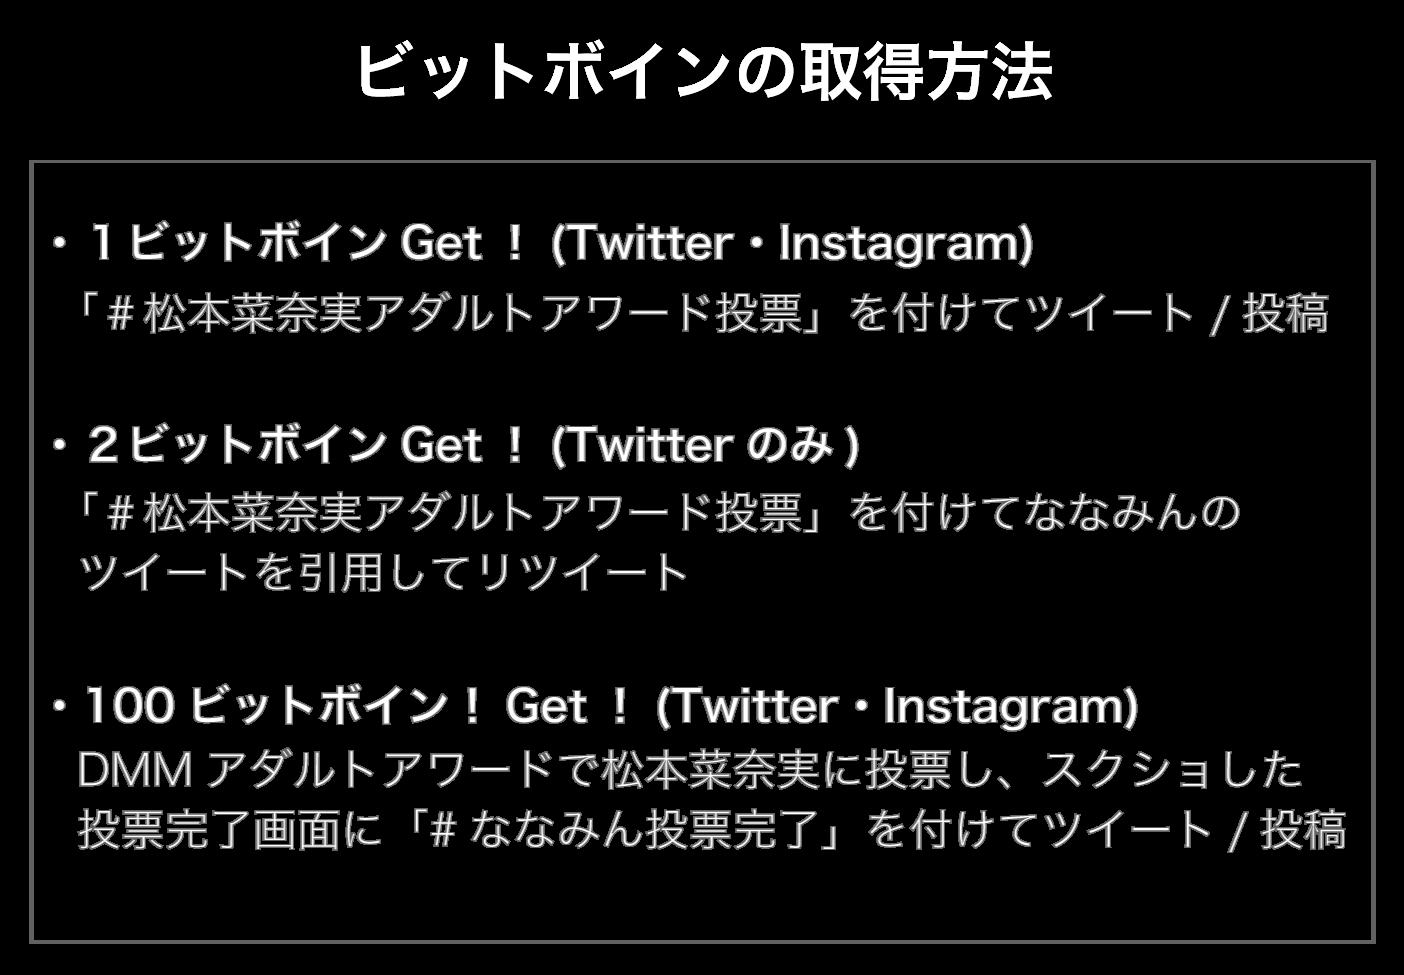 ・1ビットボインGet!  (Twitter・Instagram) 「#松本菜奈実アダルトアワード投票」を付けてツイート/投稿 ・2ビットボインGet!  (Twitterのみ) 「#松本菜奈実アダルトアワード投票」を付けてななみんのツイートを引用してリツイート ・100ビットボイン!Get!!  (Twitter・Instagram) DMMアダルトアワードで松本菜奈実に投票し、スクショした投票完了画面に「#ななみん投票完了」を付けてツイート/投稿